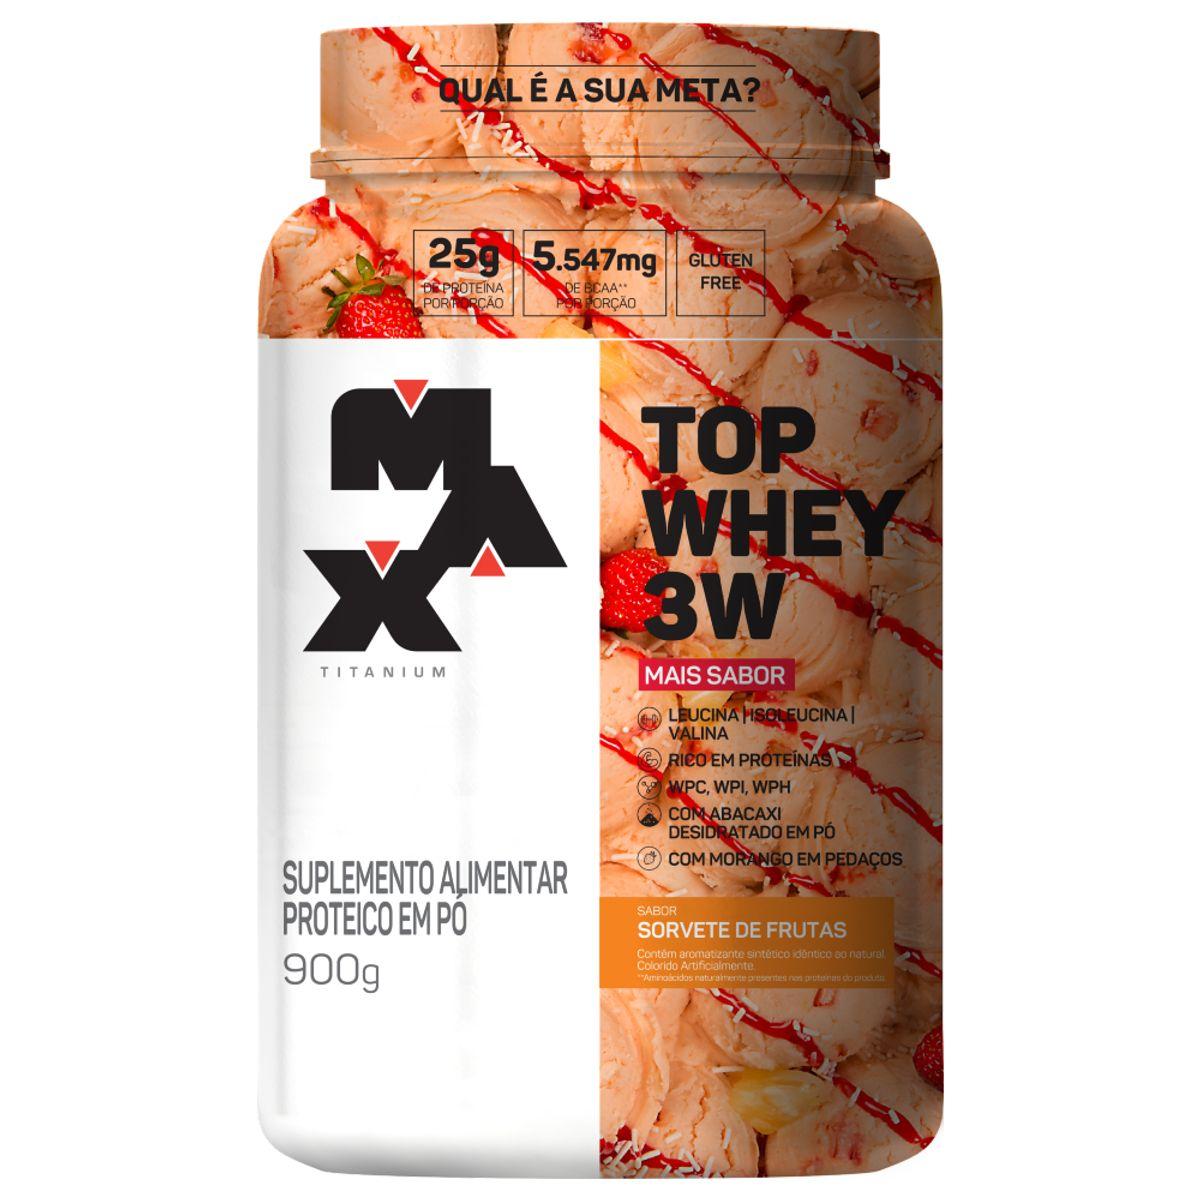 Top Whey 3W Mais Sabor 900g Sorvete de Frutas Max Titanium